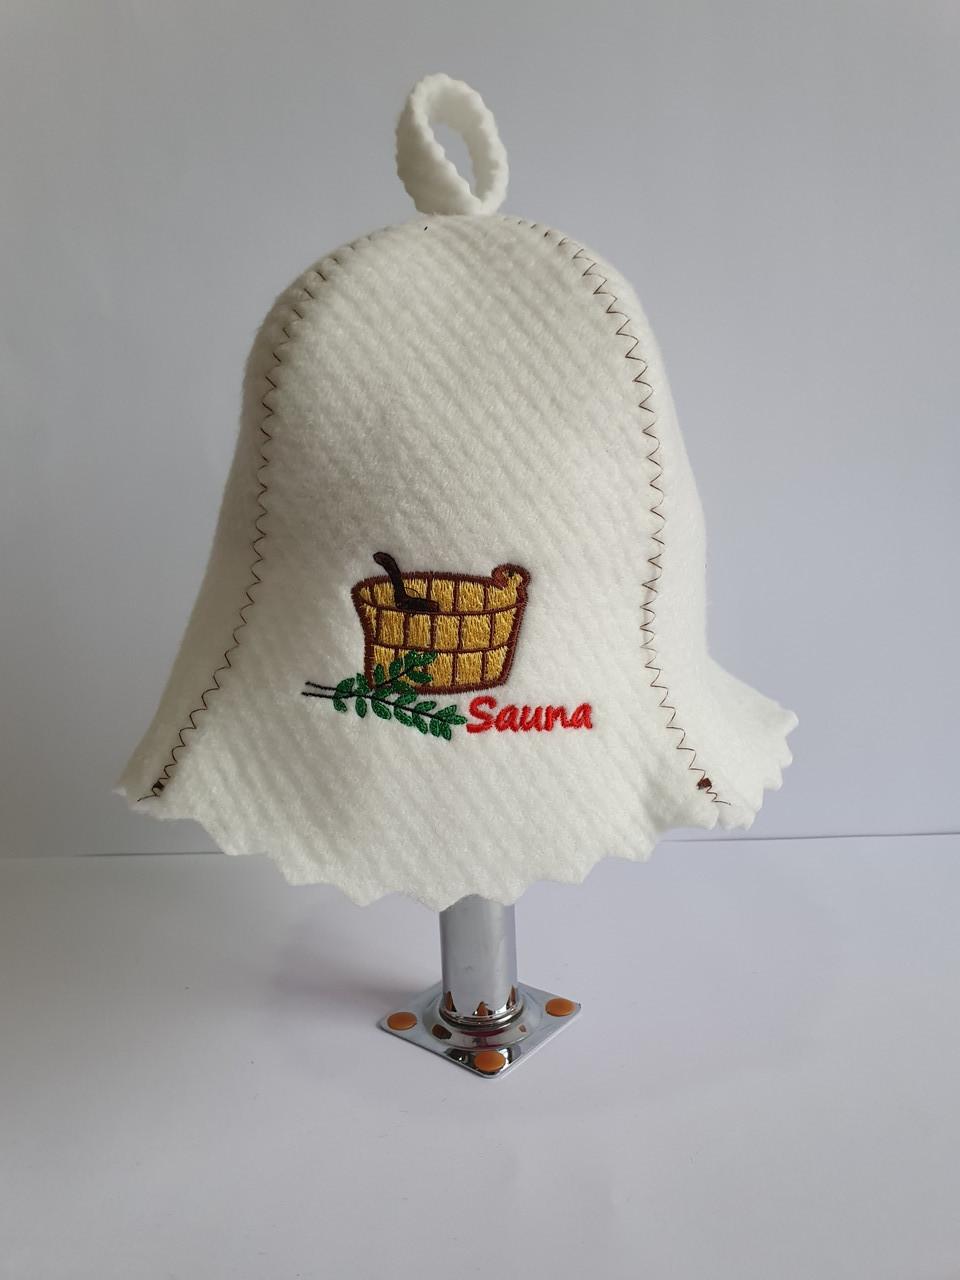 Шапка для бані та сауни з яскравою вишивкою Кадушка Sauna